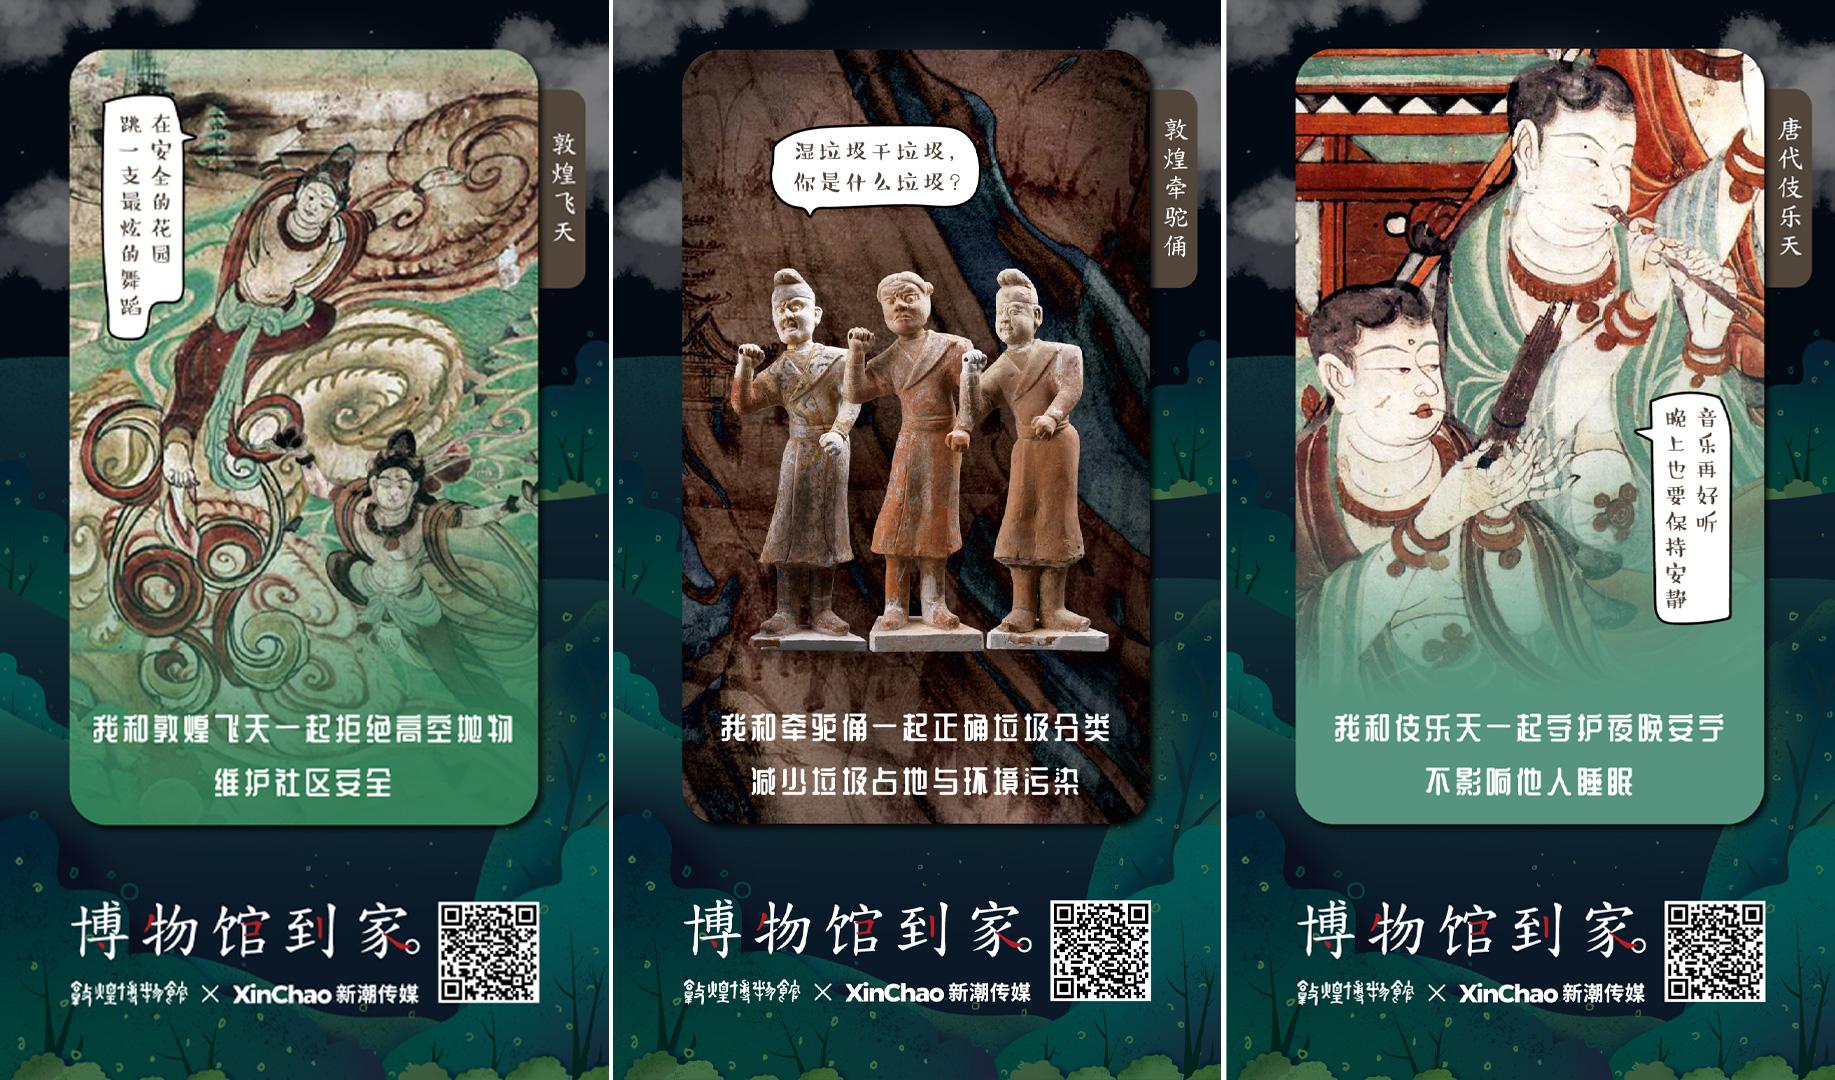 敦煌博物馆×新潮传媒:和千年文物做邻居,这波公益走心了